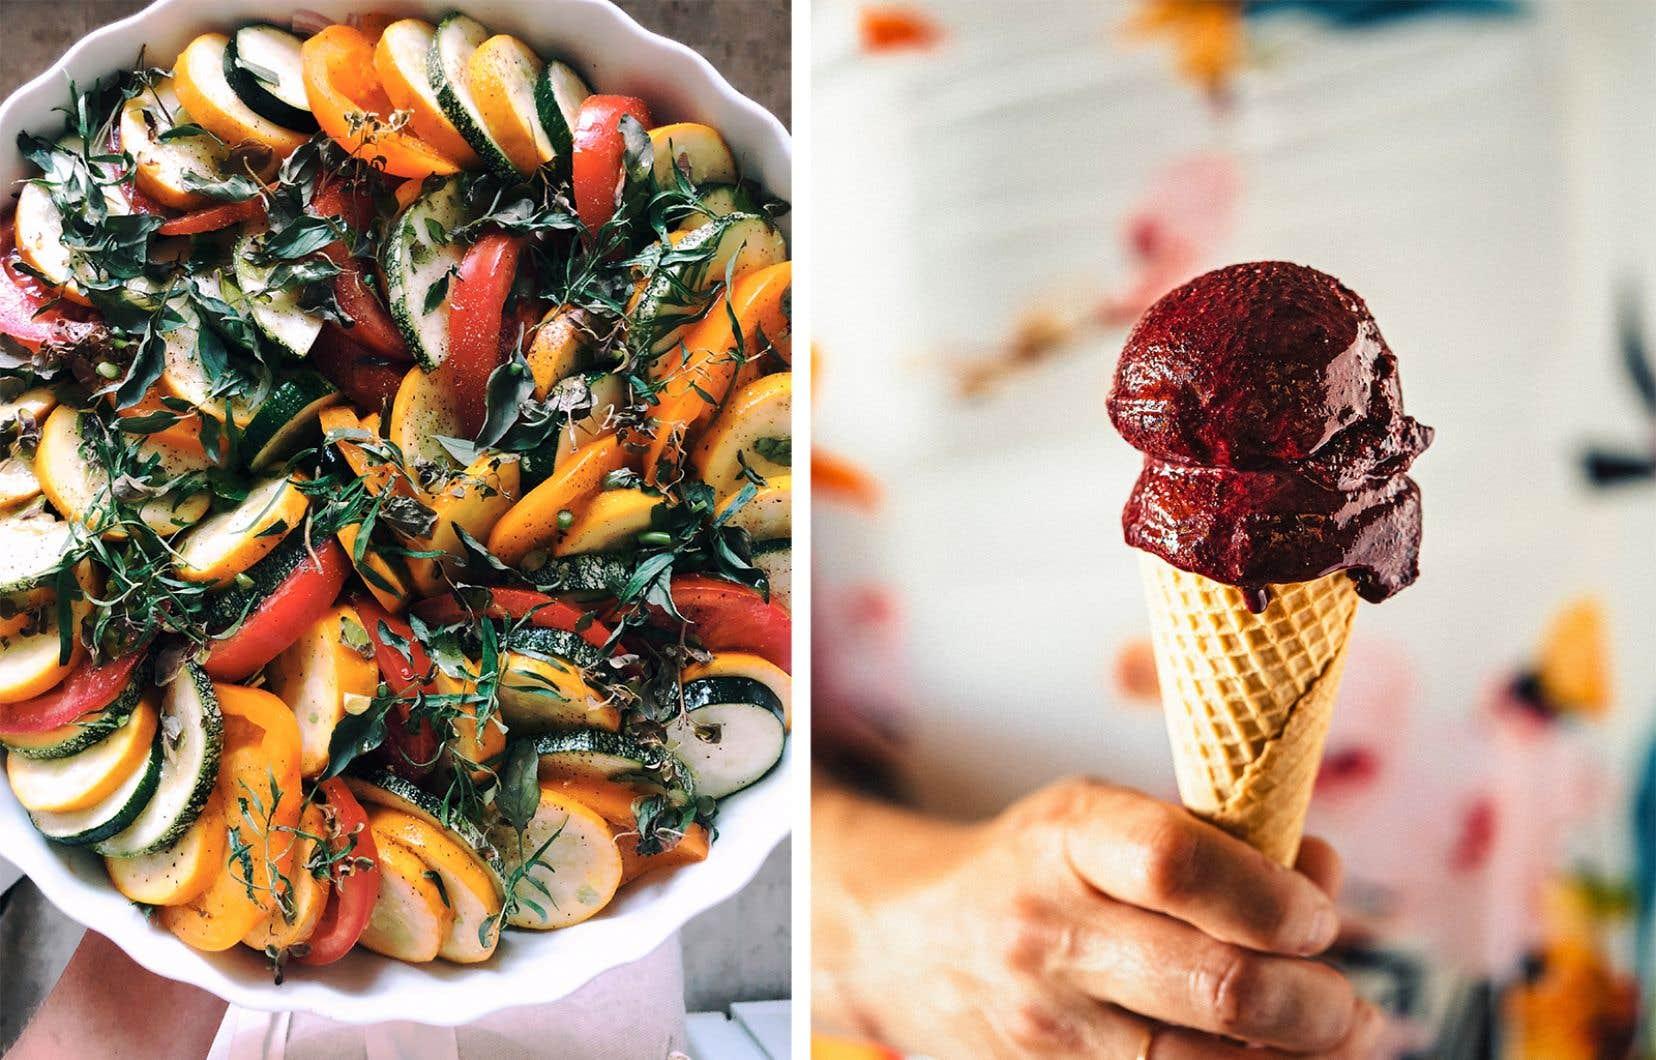 Un tian de courgettes et de tomates ainsi qu'un cornet de yogourt glacé camerise, menthe et mélilot